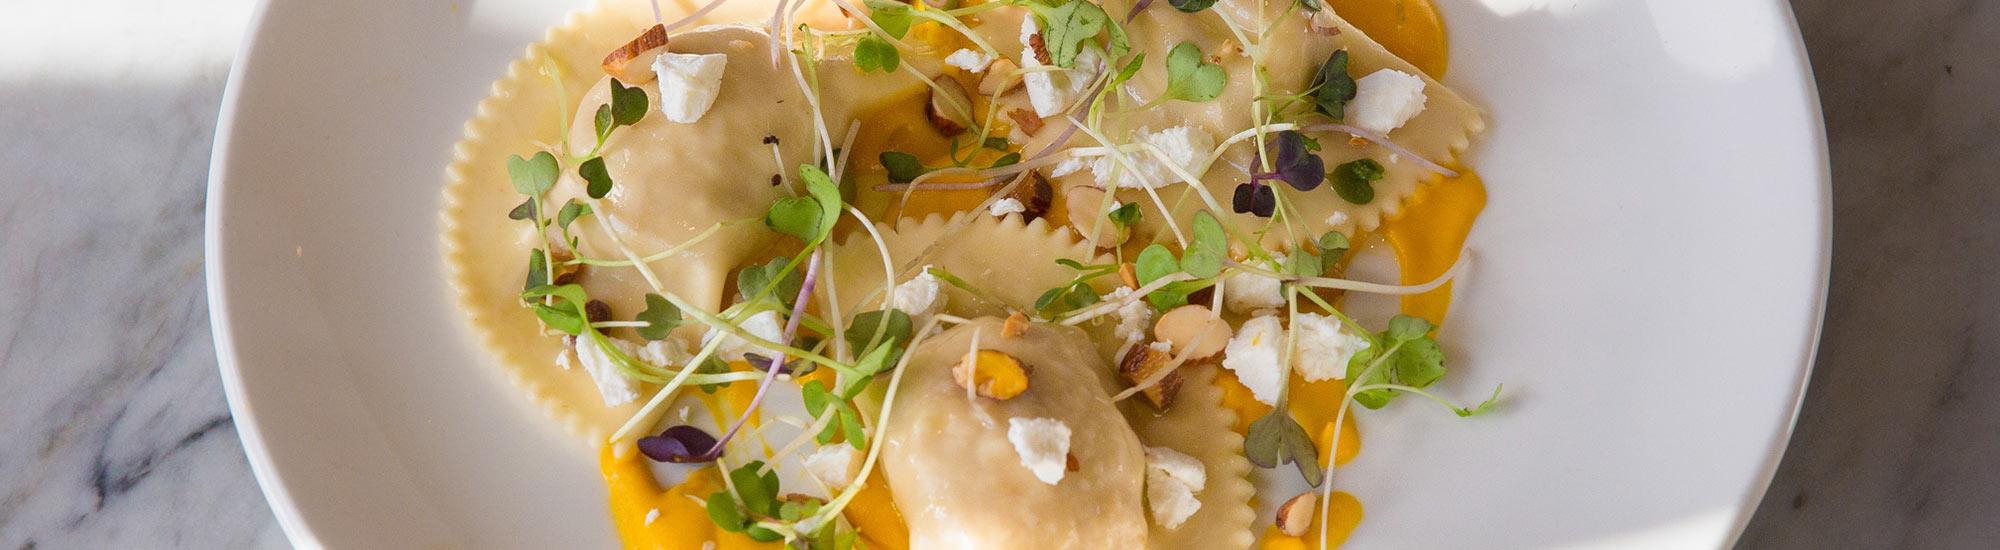 ricetta Ravioloni Ricotta e Spinaci con crema di peperoni con pasta fresca